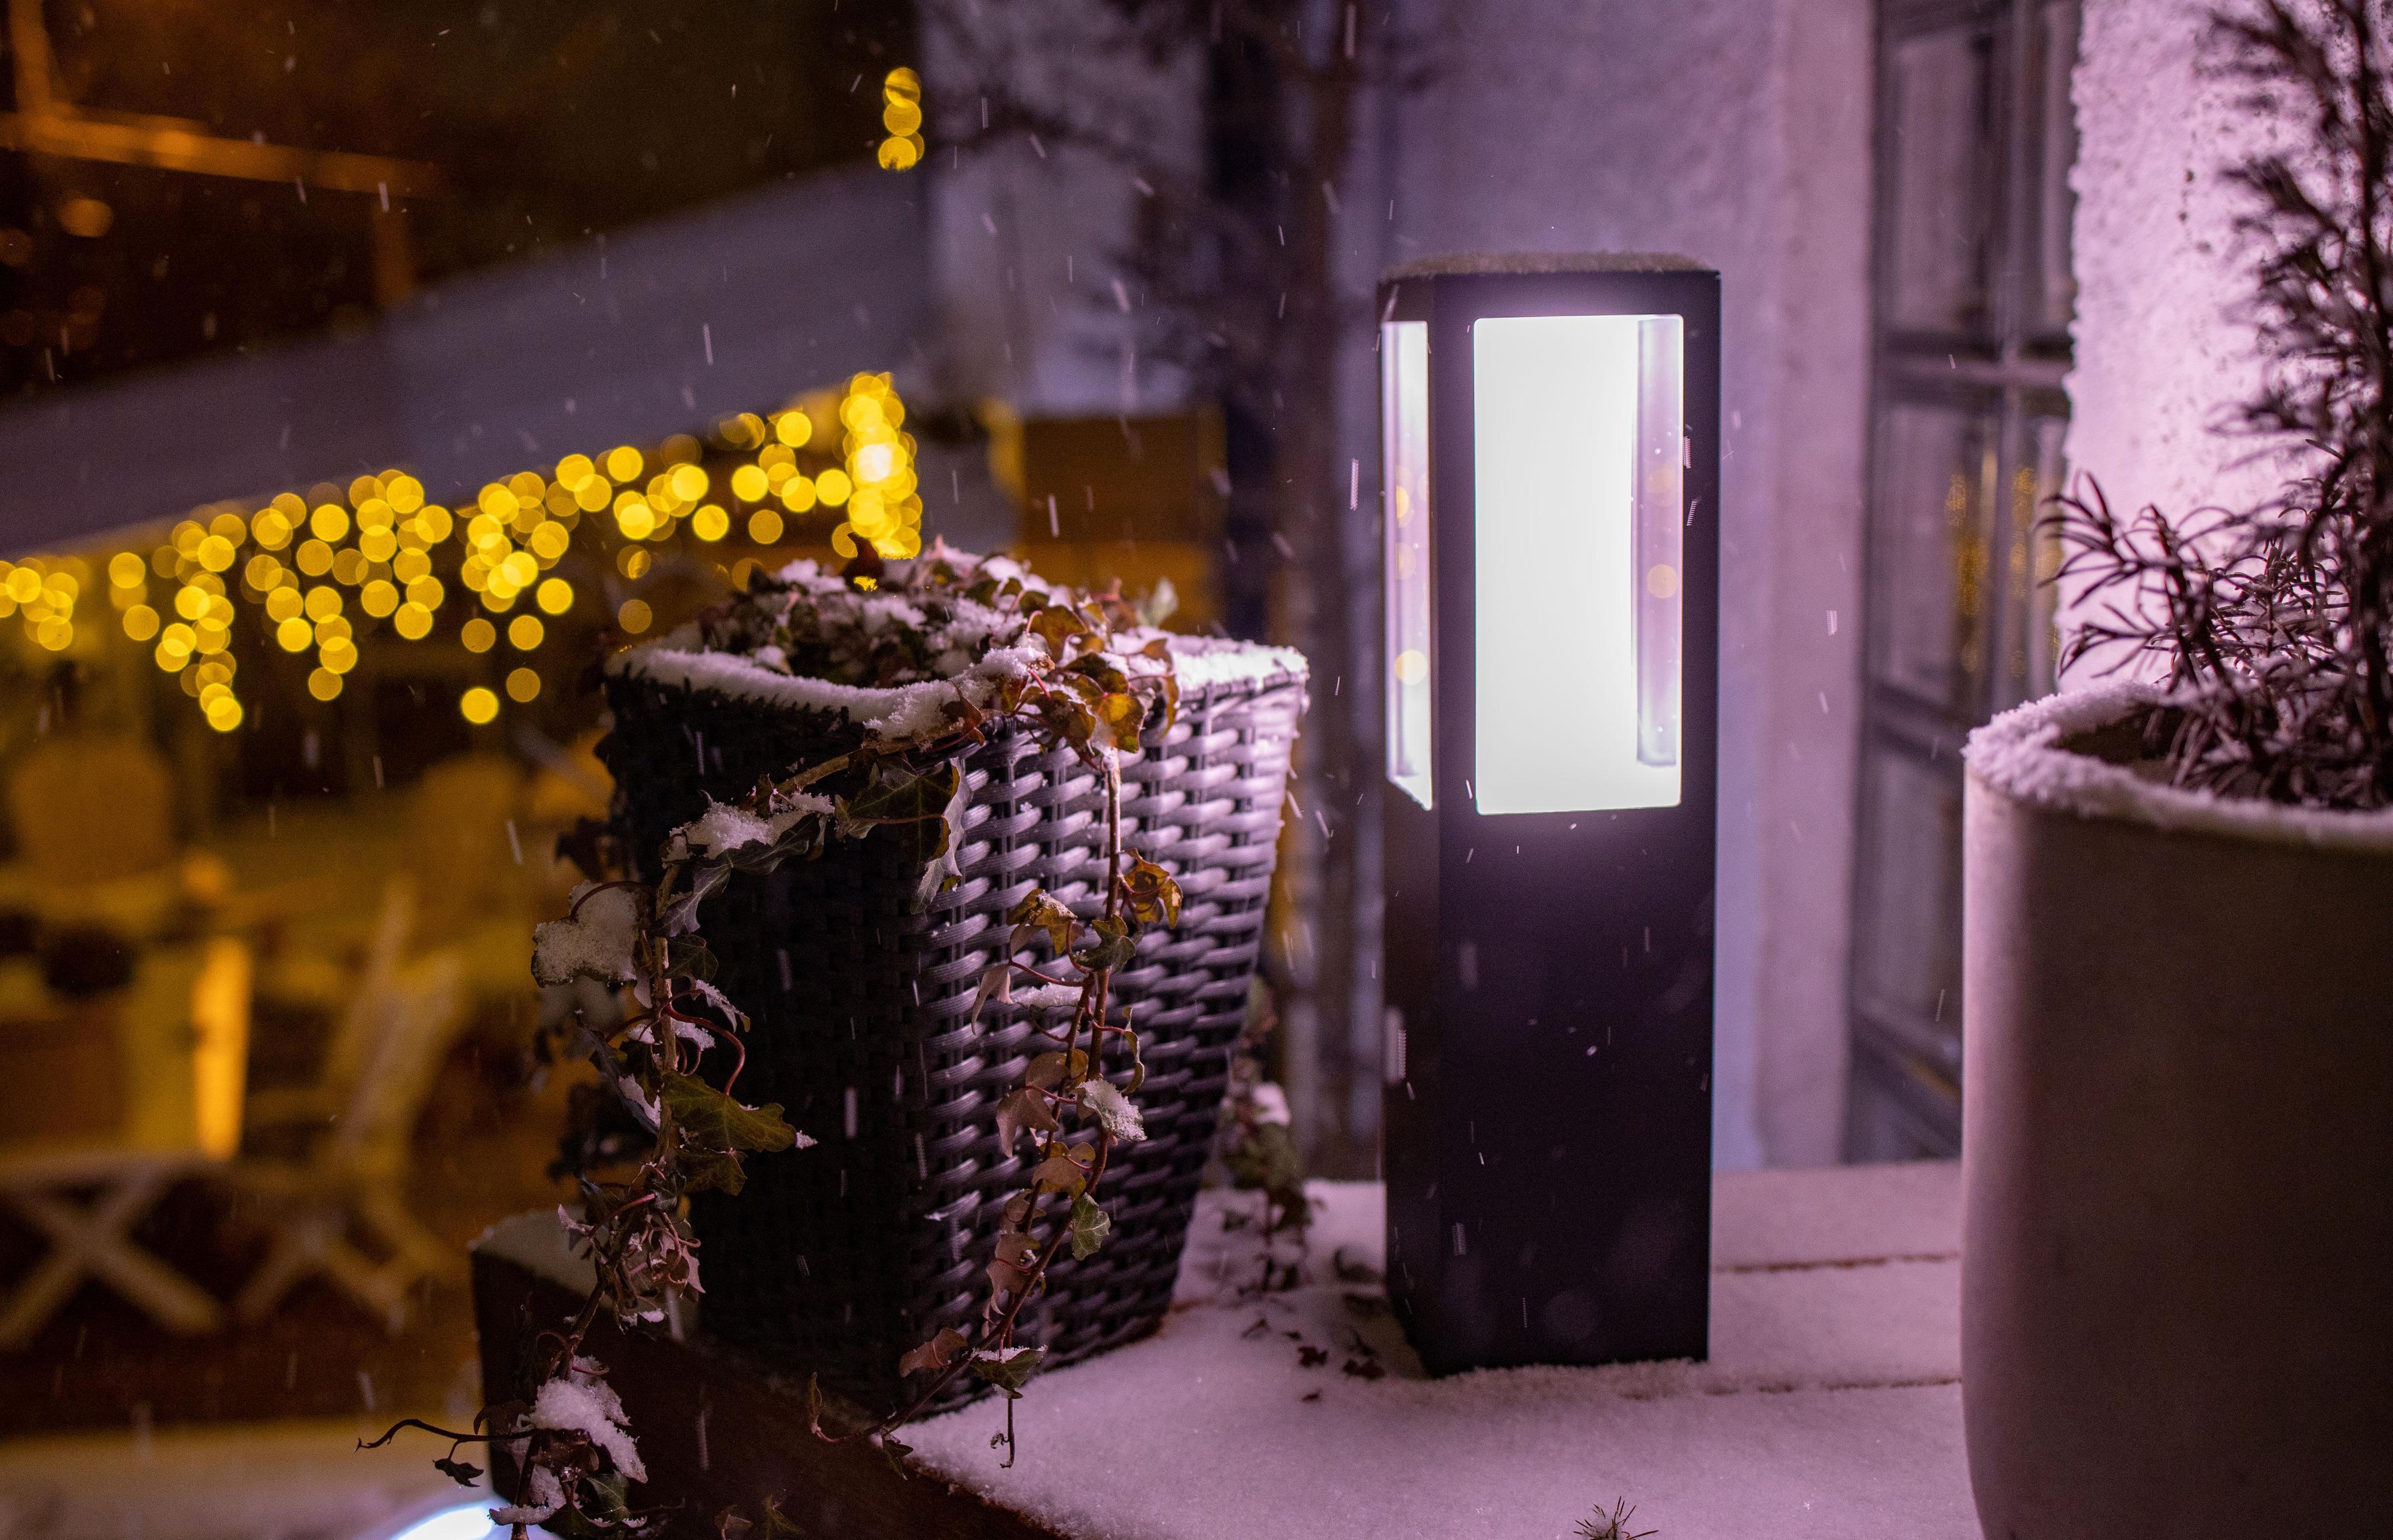 Impress-lampen gjorde seg godt på terrassen da mørket senket seg.